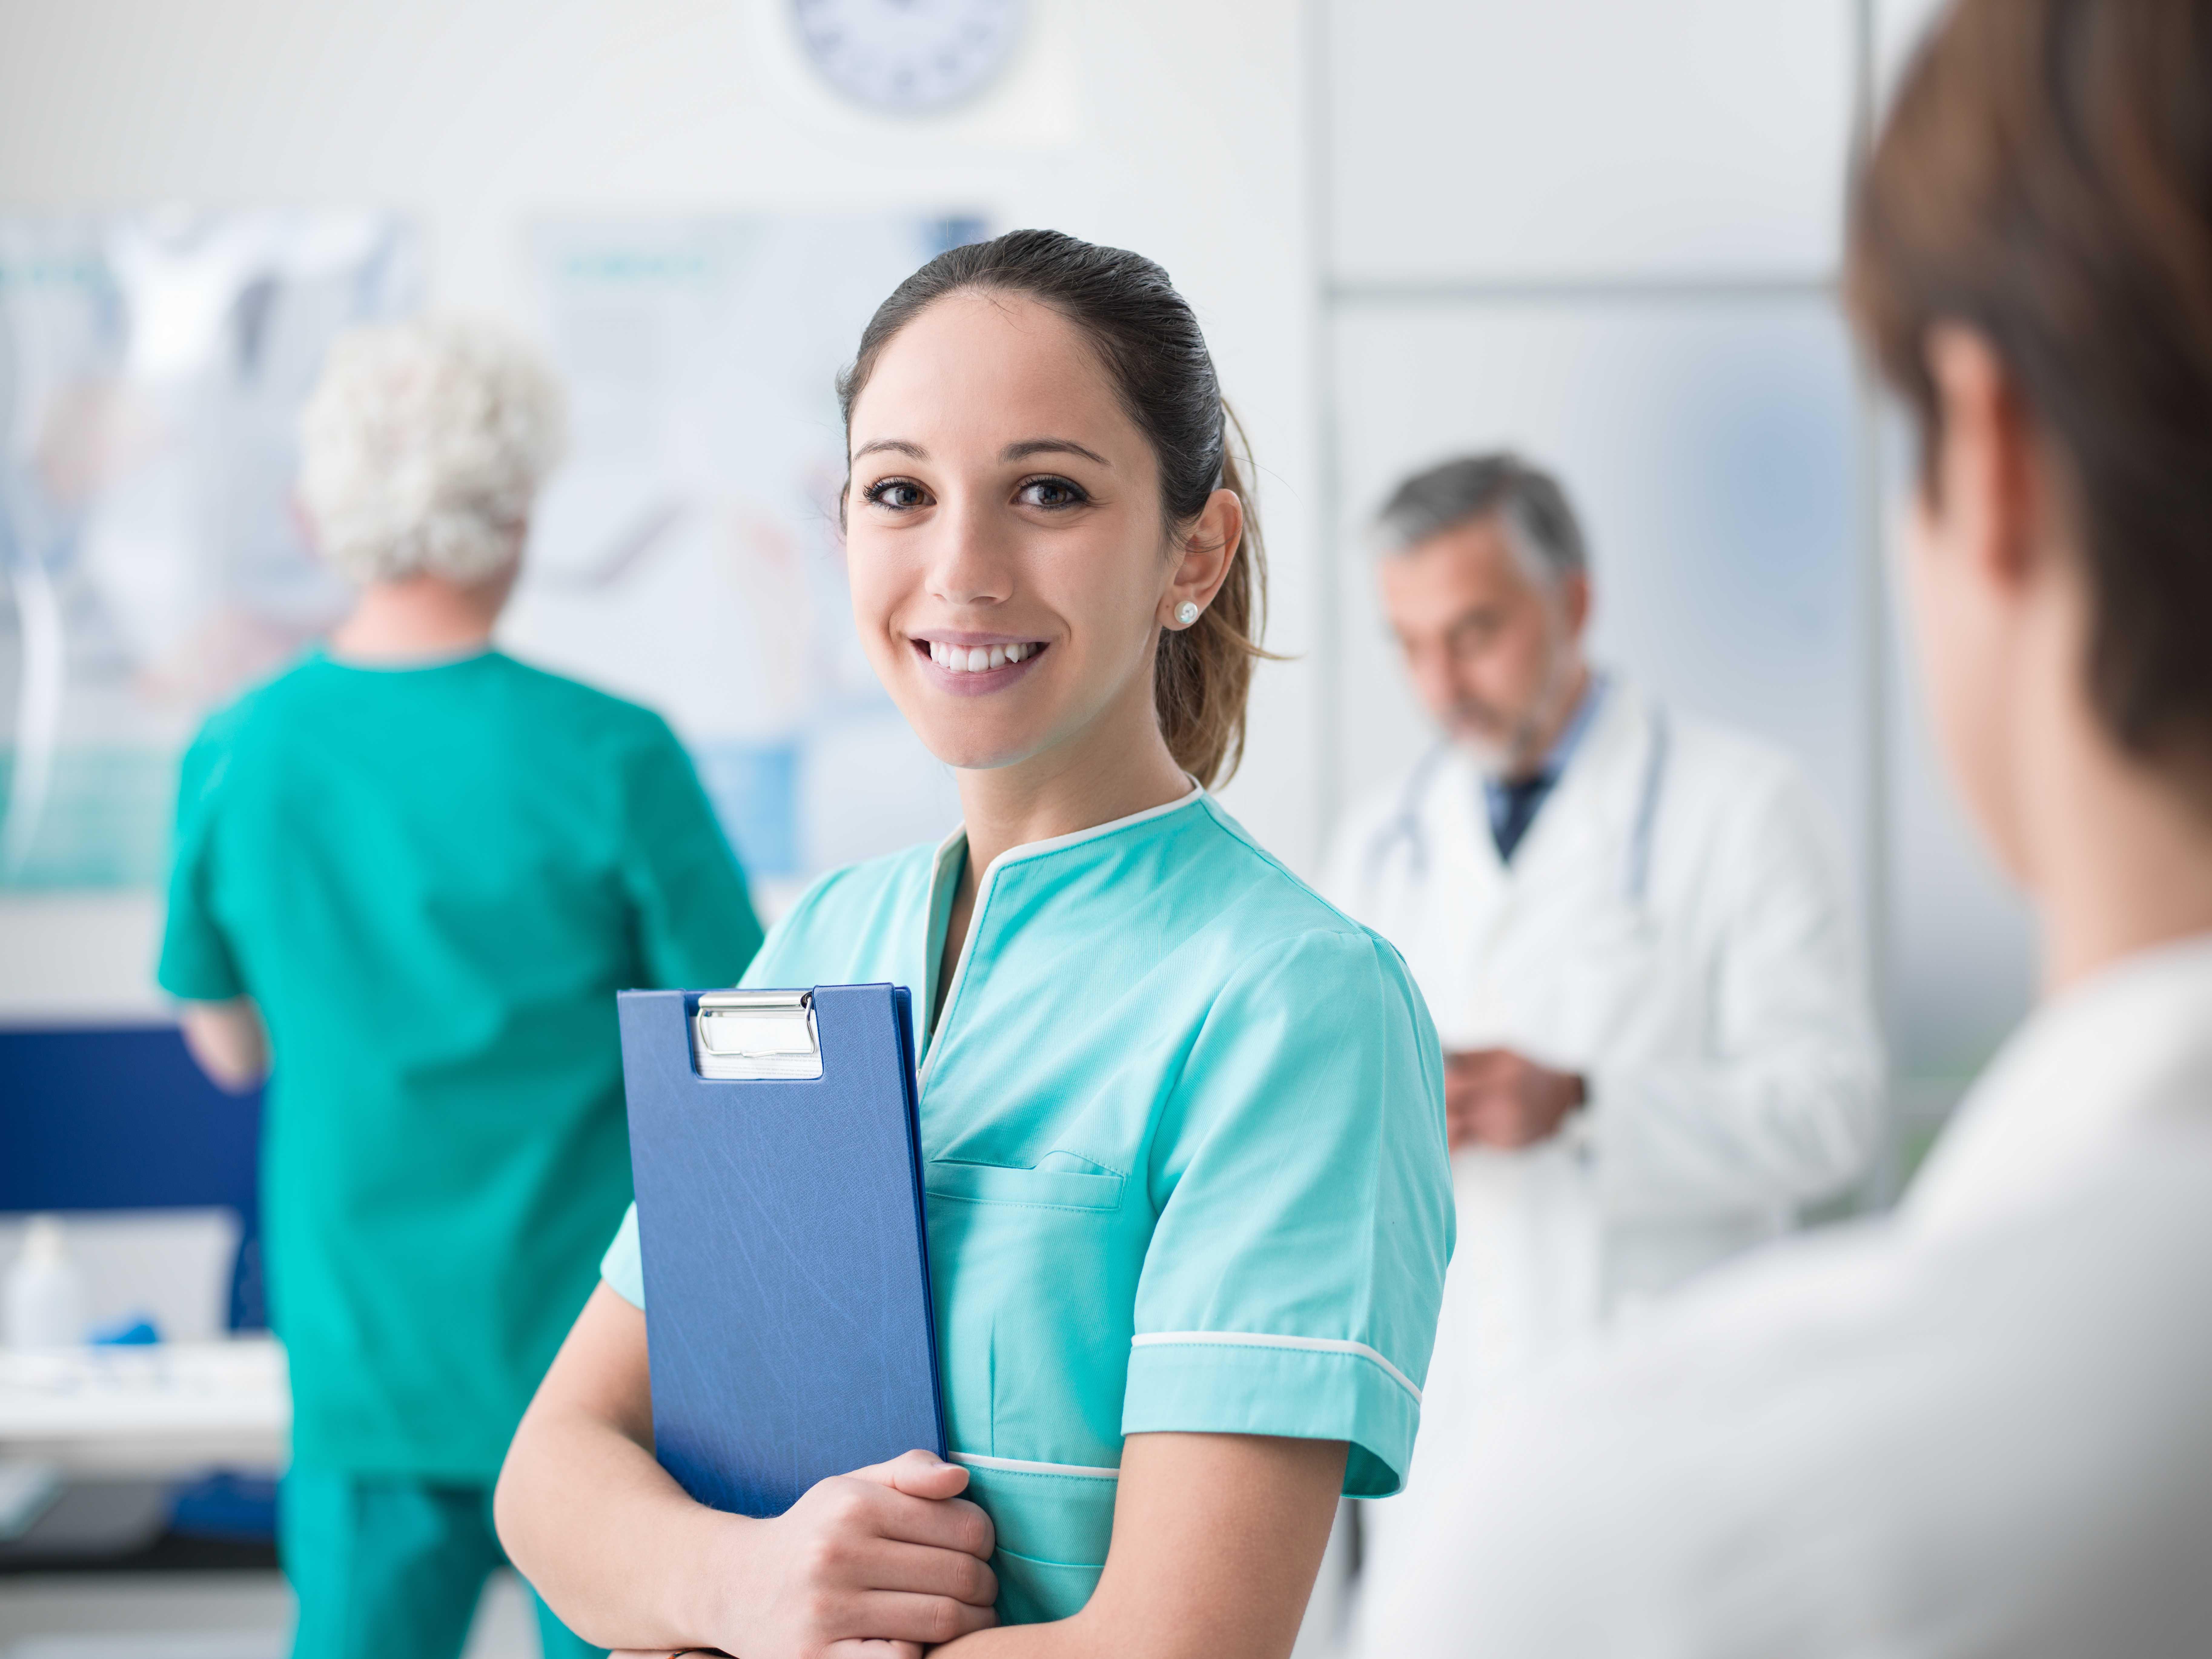 5 Emerging Trends In Healthcare